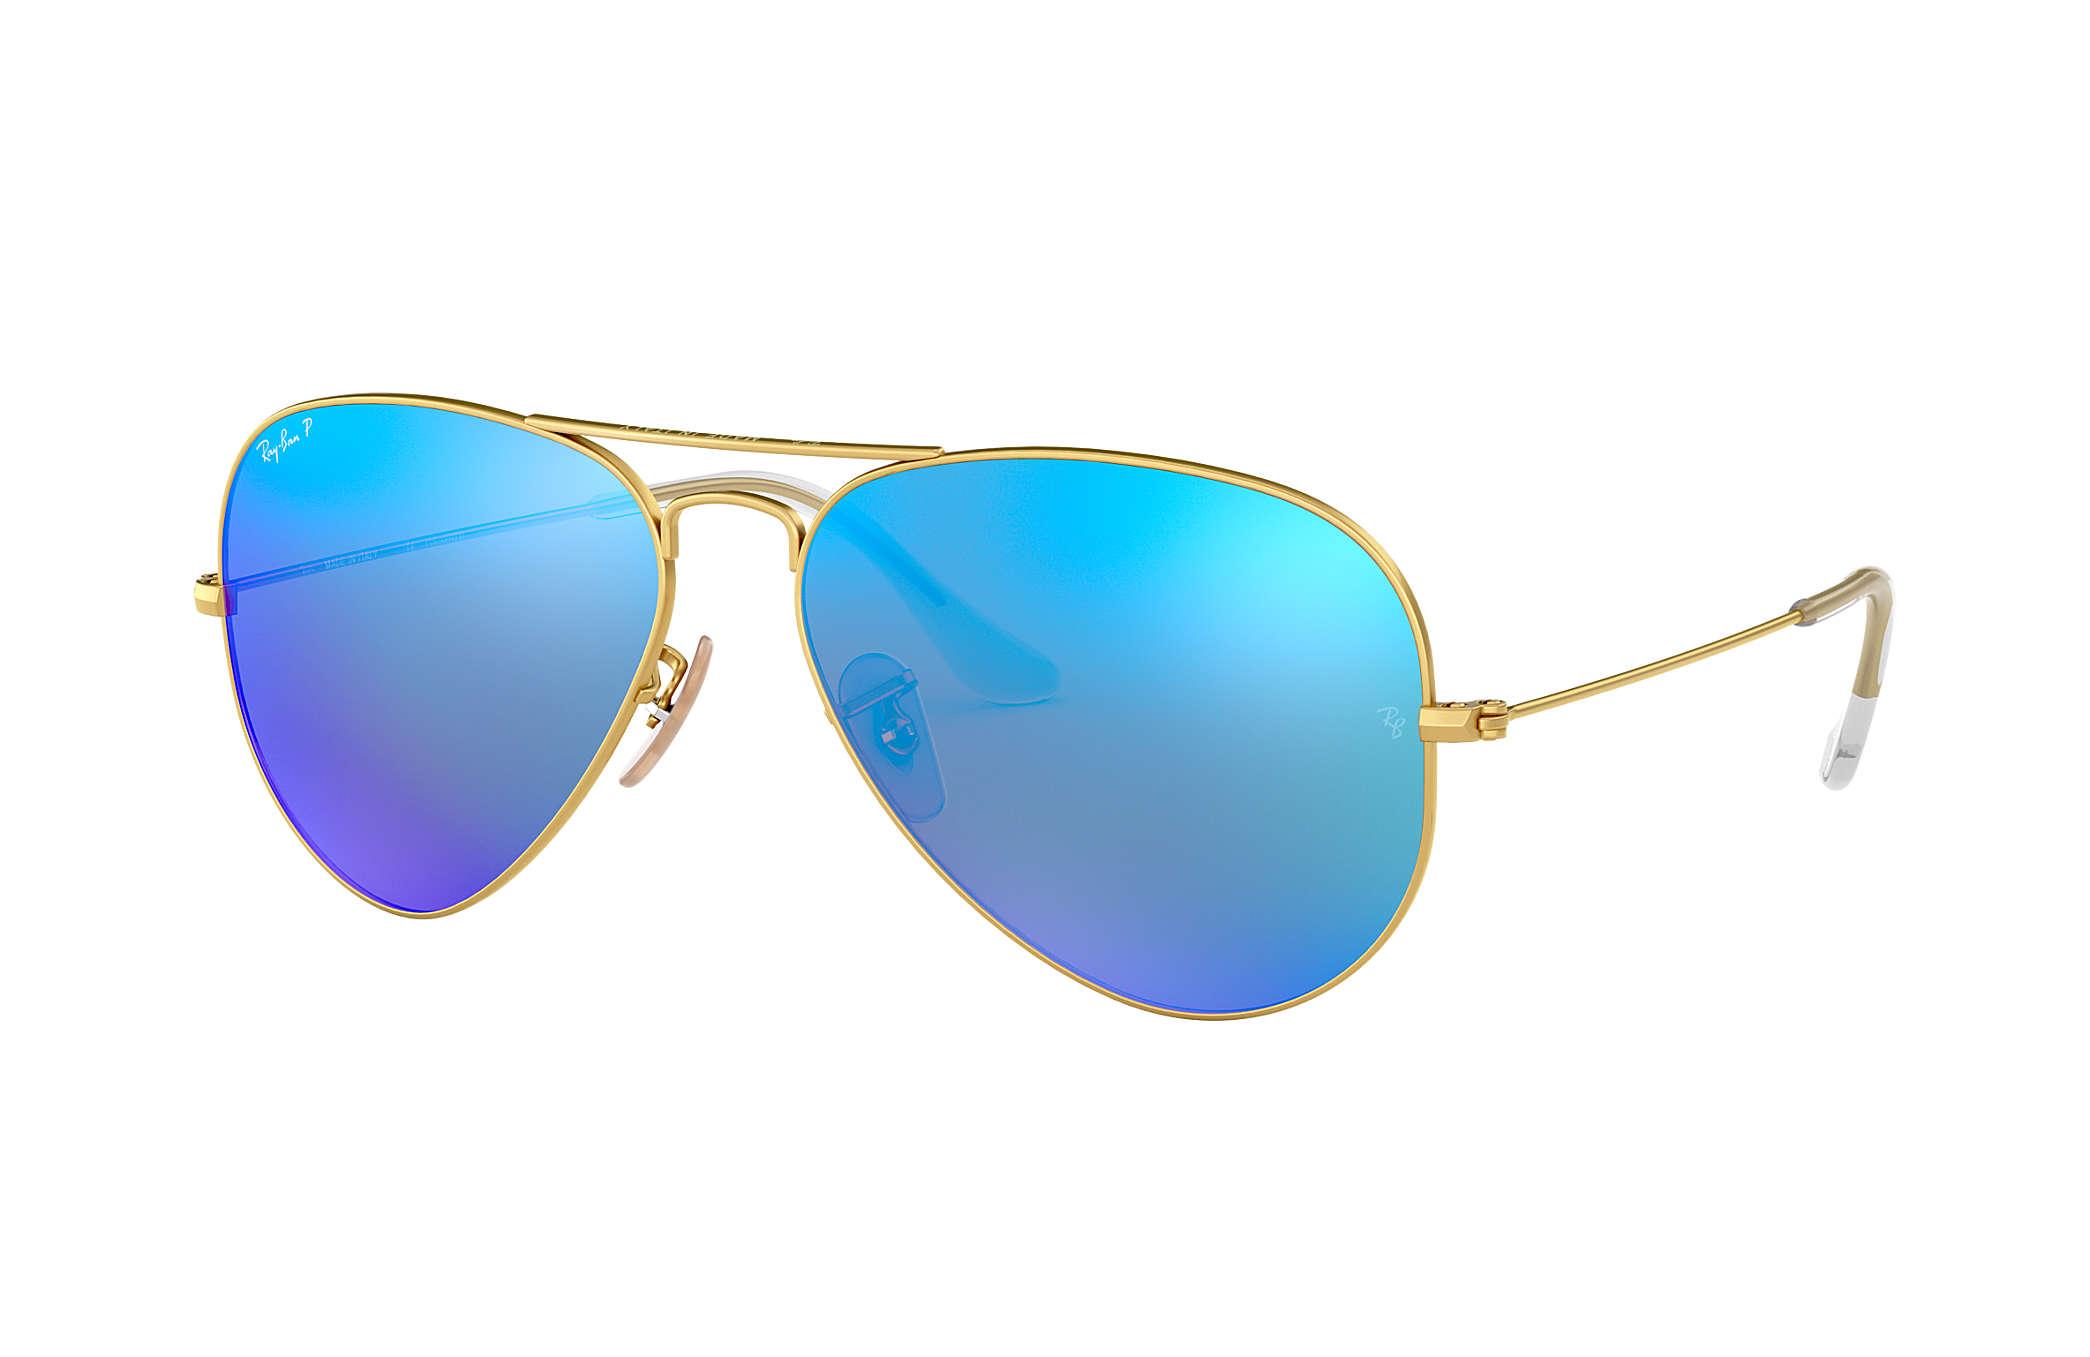 61eb3022a9bd0 Ray-Ban Aviator Espelhado RB3025 Ouro - Metal - Lentes polarizadas ...